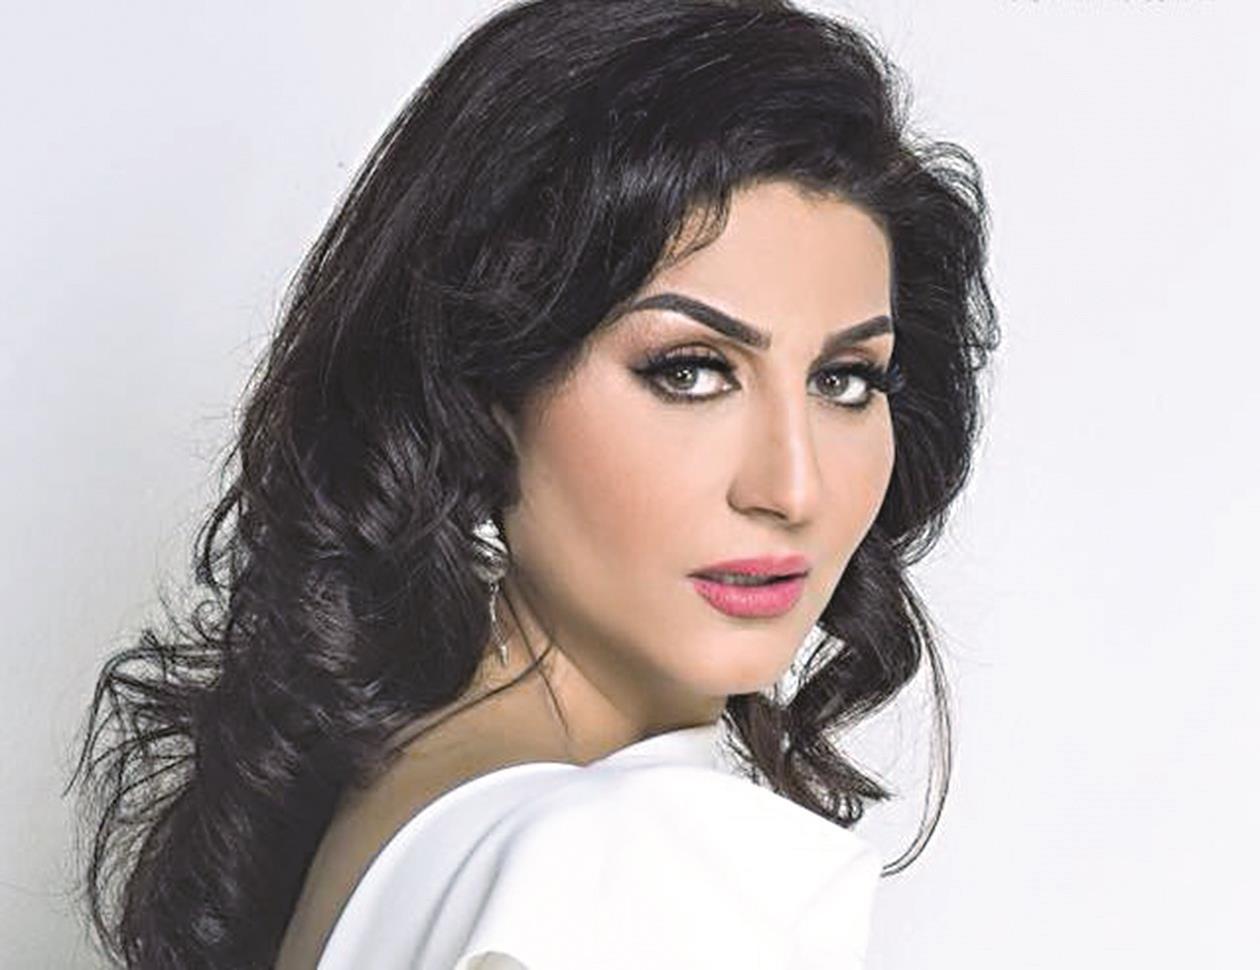 وفاء عامر تقرأ «حب عمري» ... ومنال الصيفي تتأهب لإخراجه - دوت امارات